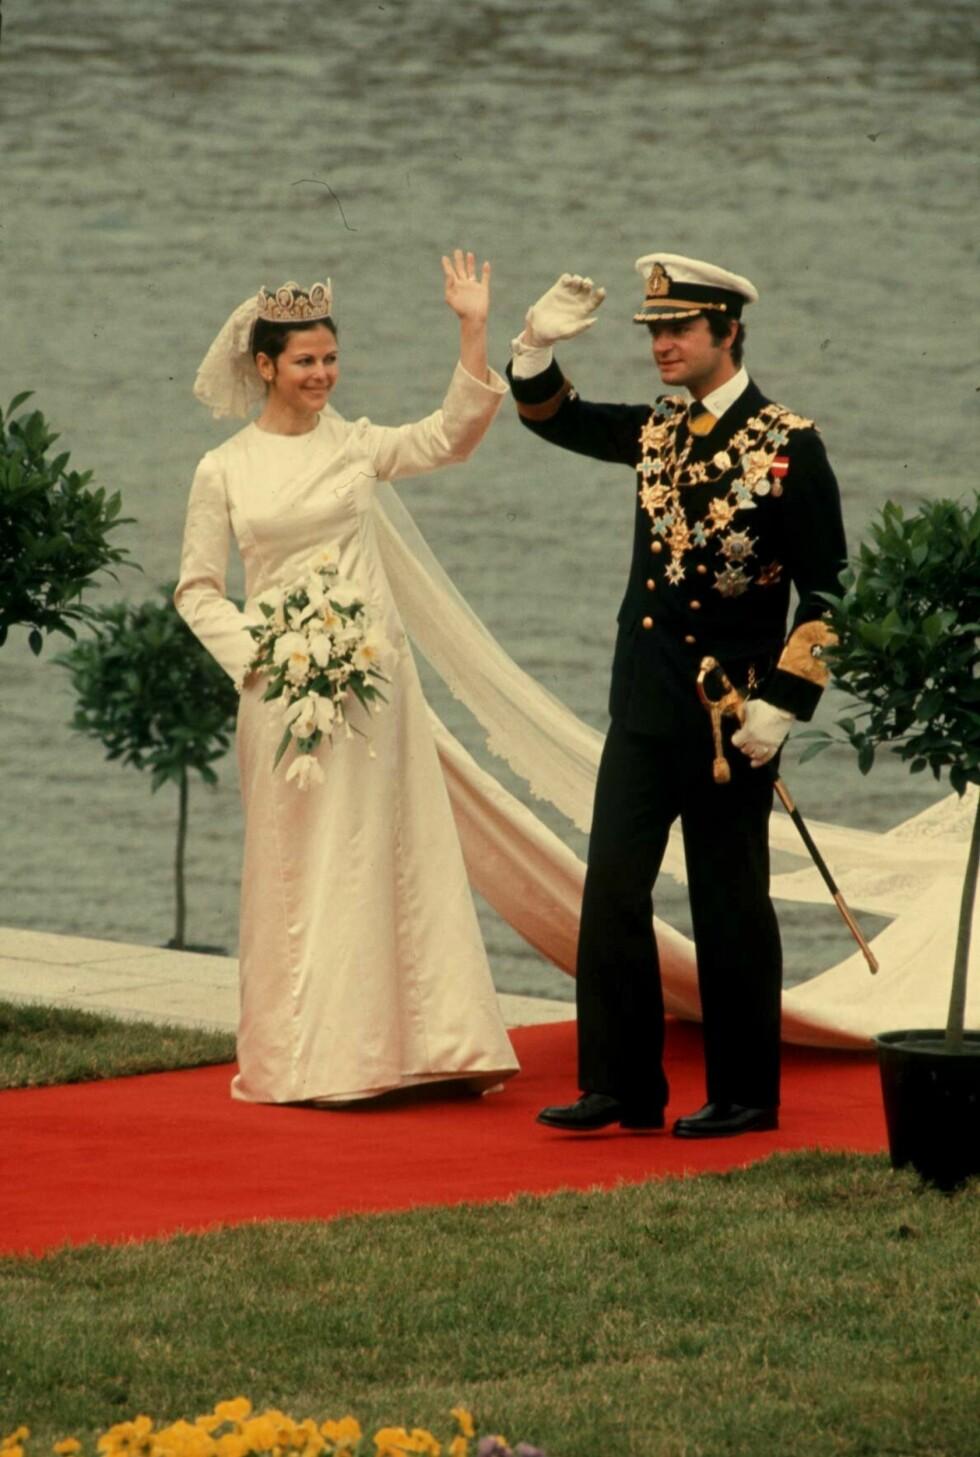 SE, SÅ LIK SØNNEN: Kong Carl Gustaf og dronning Silvia ankommer bryllupsfesten sin i juni 1976.  Foto: TT NYHETSBYRÅN